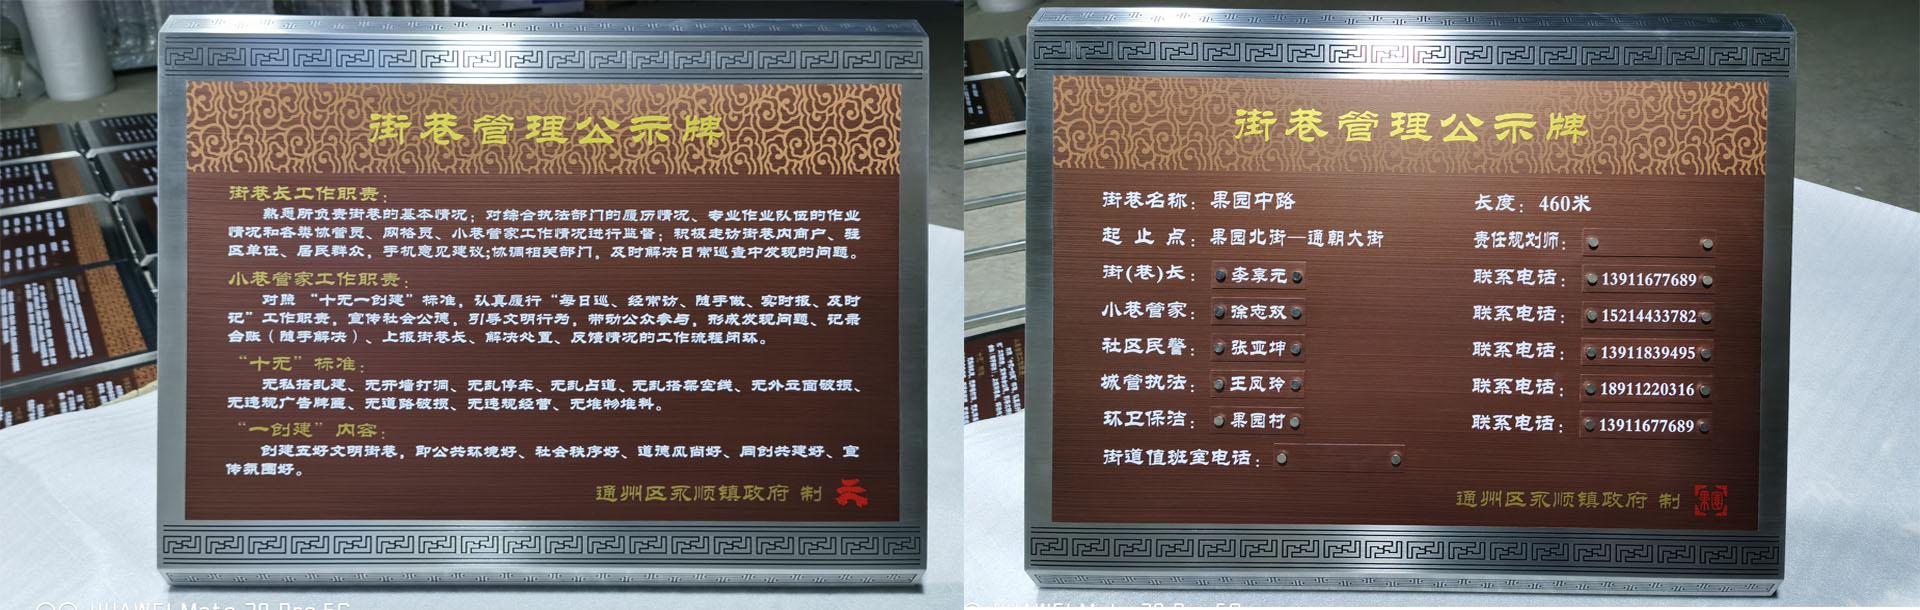 北京通州街巷胡同公示牌